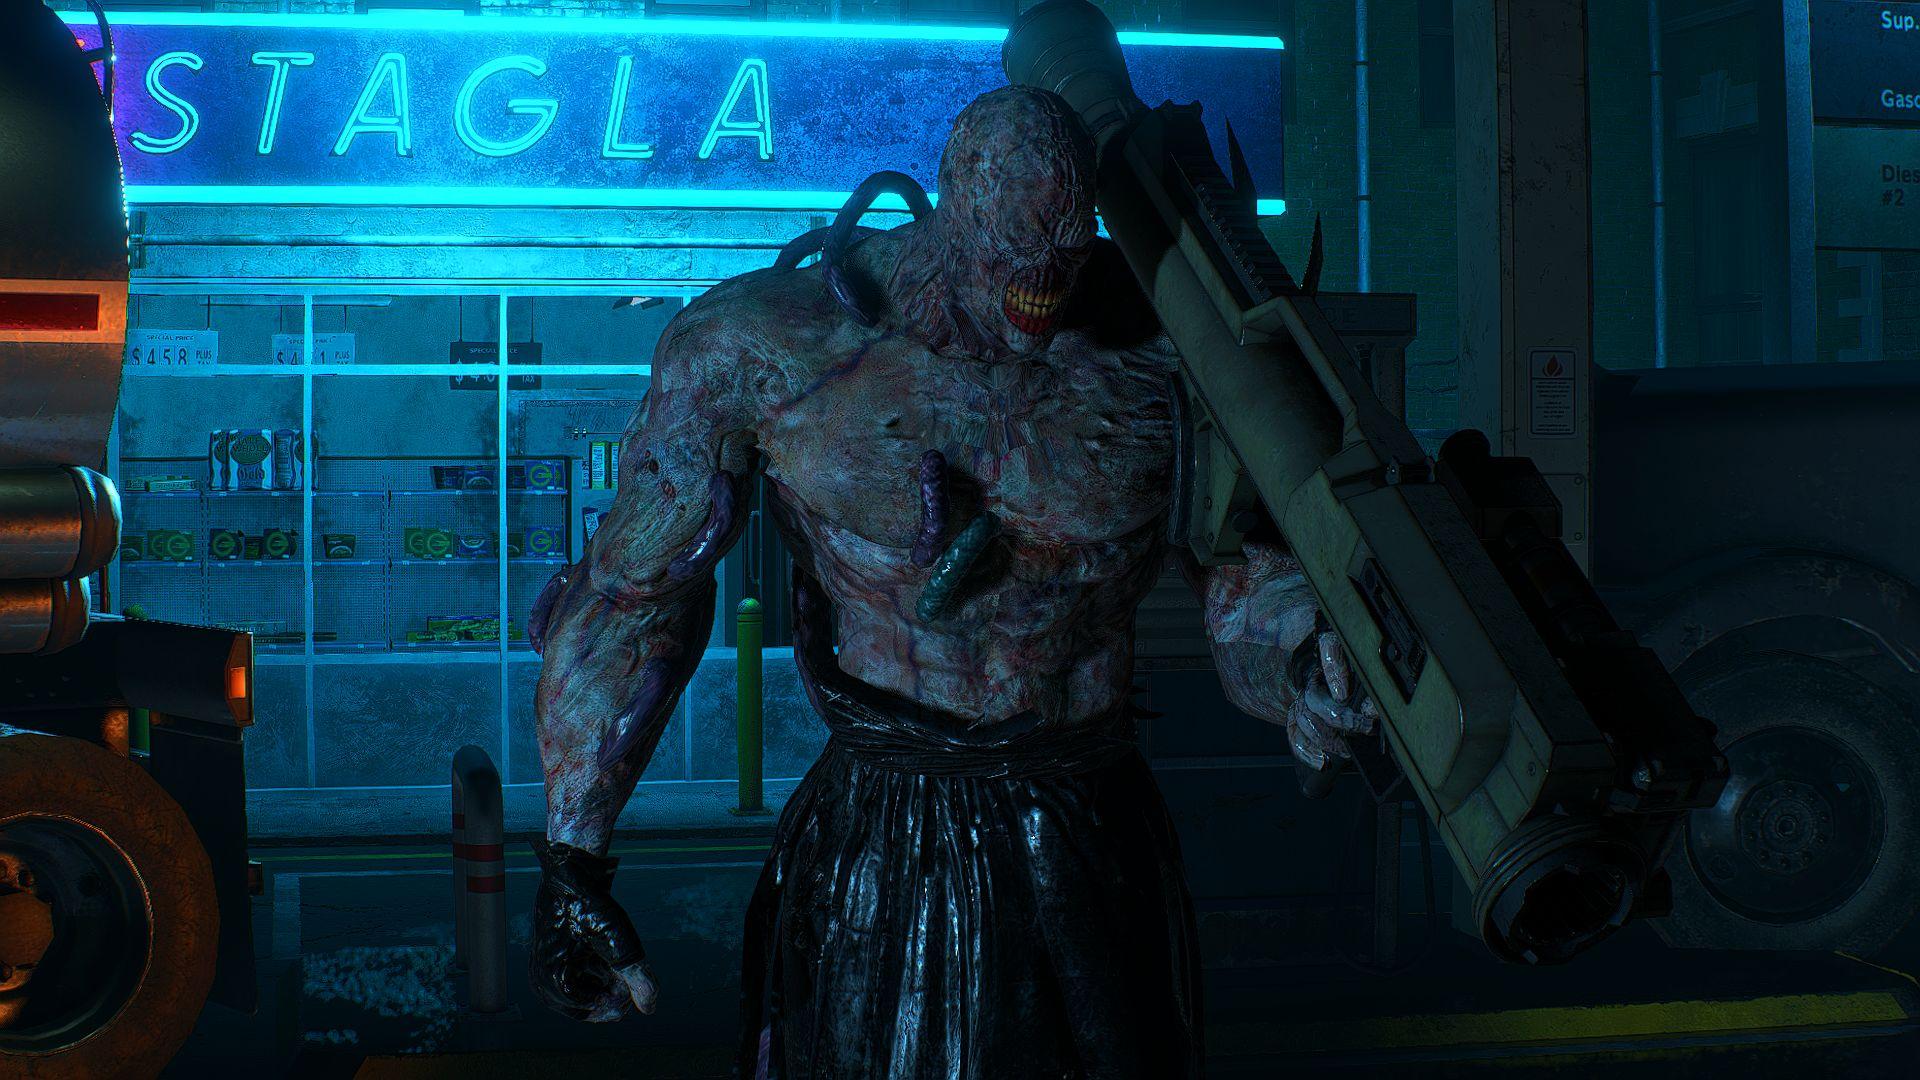 000983.Jpg - Resident Evil 3: Nemesis